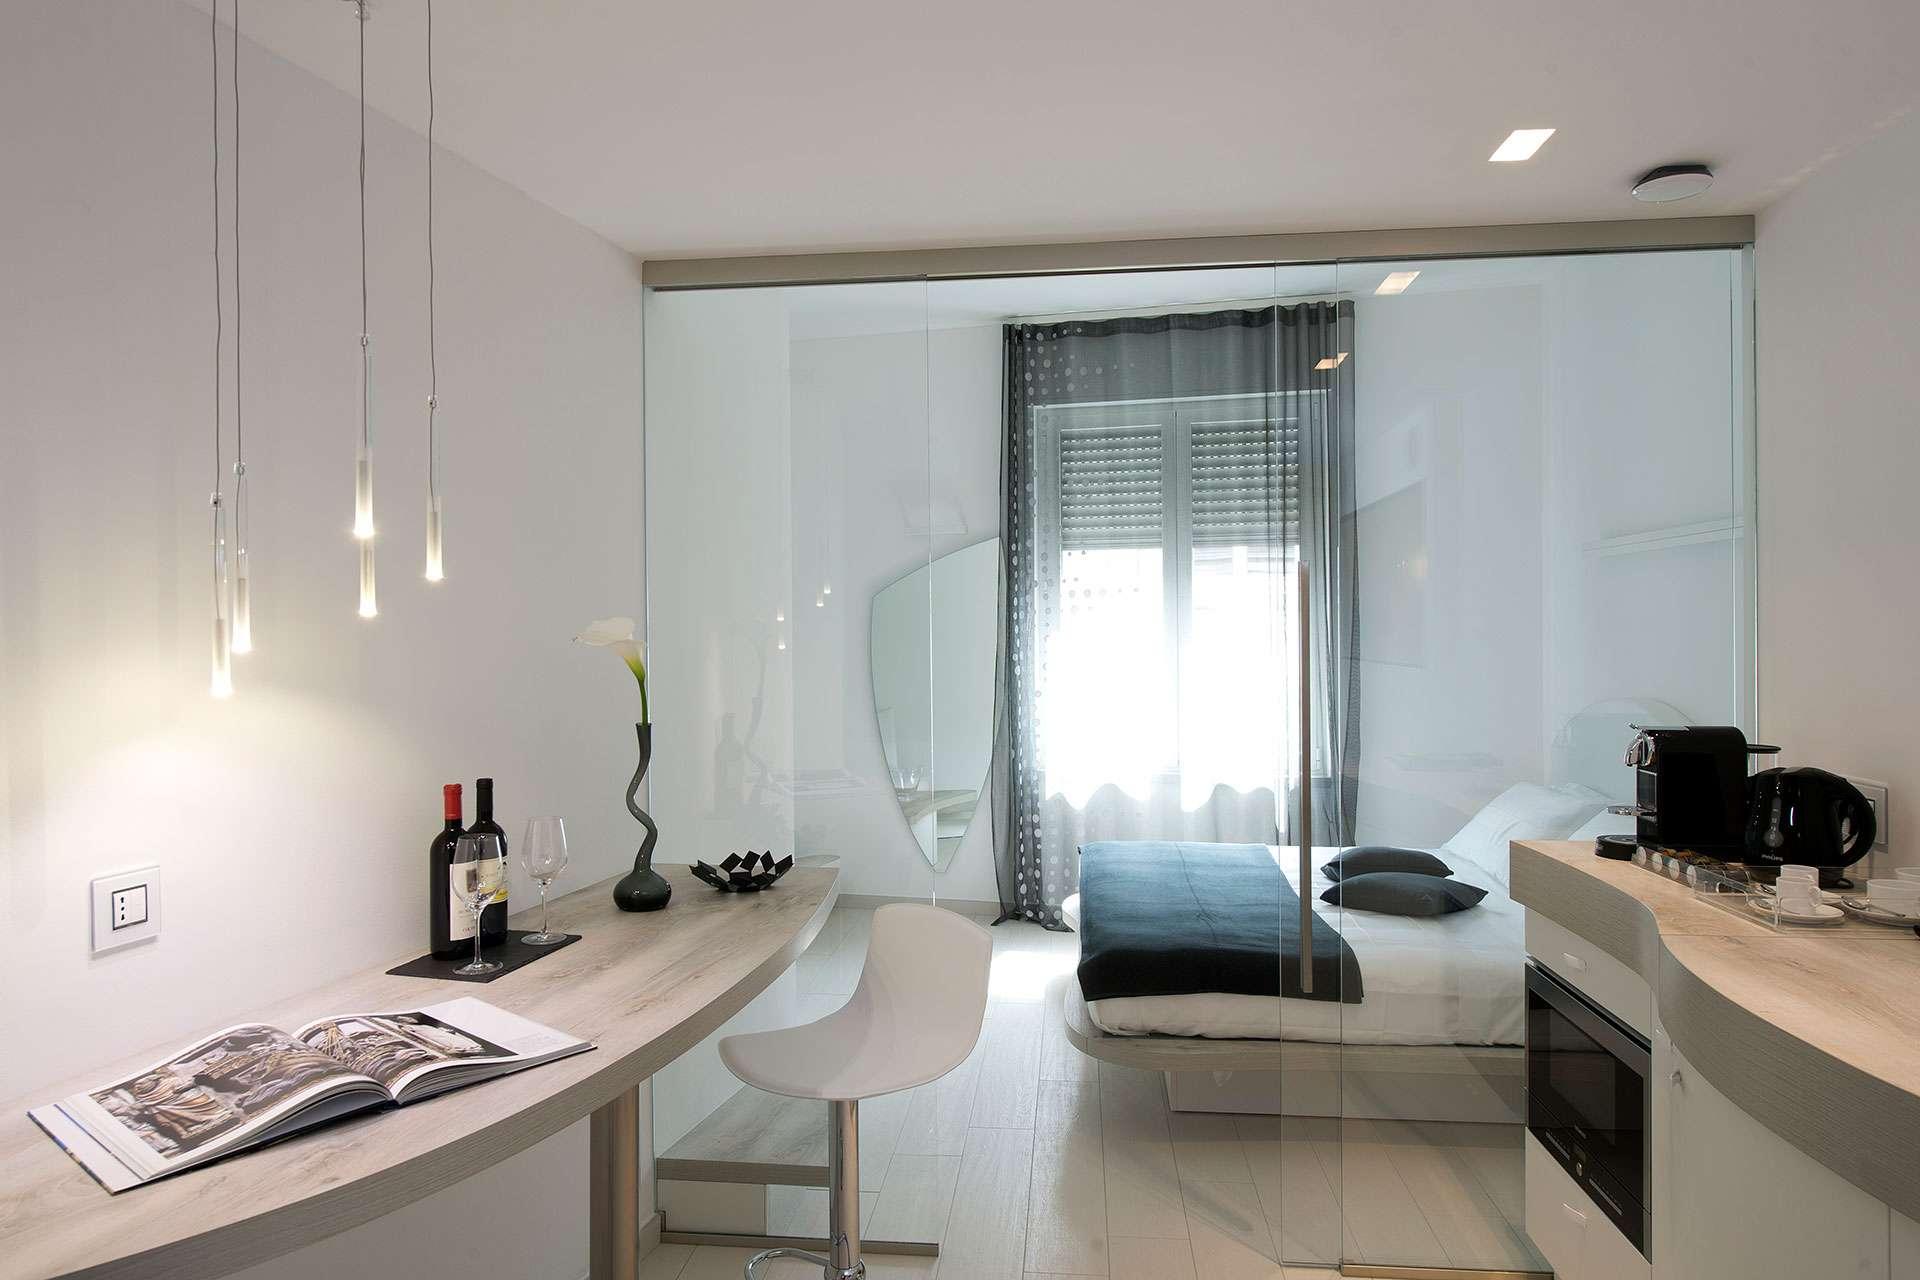 Appartamenti di lusso vista duomo milano residence di for Appartamenti di design